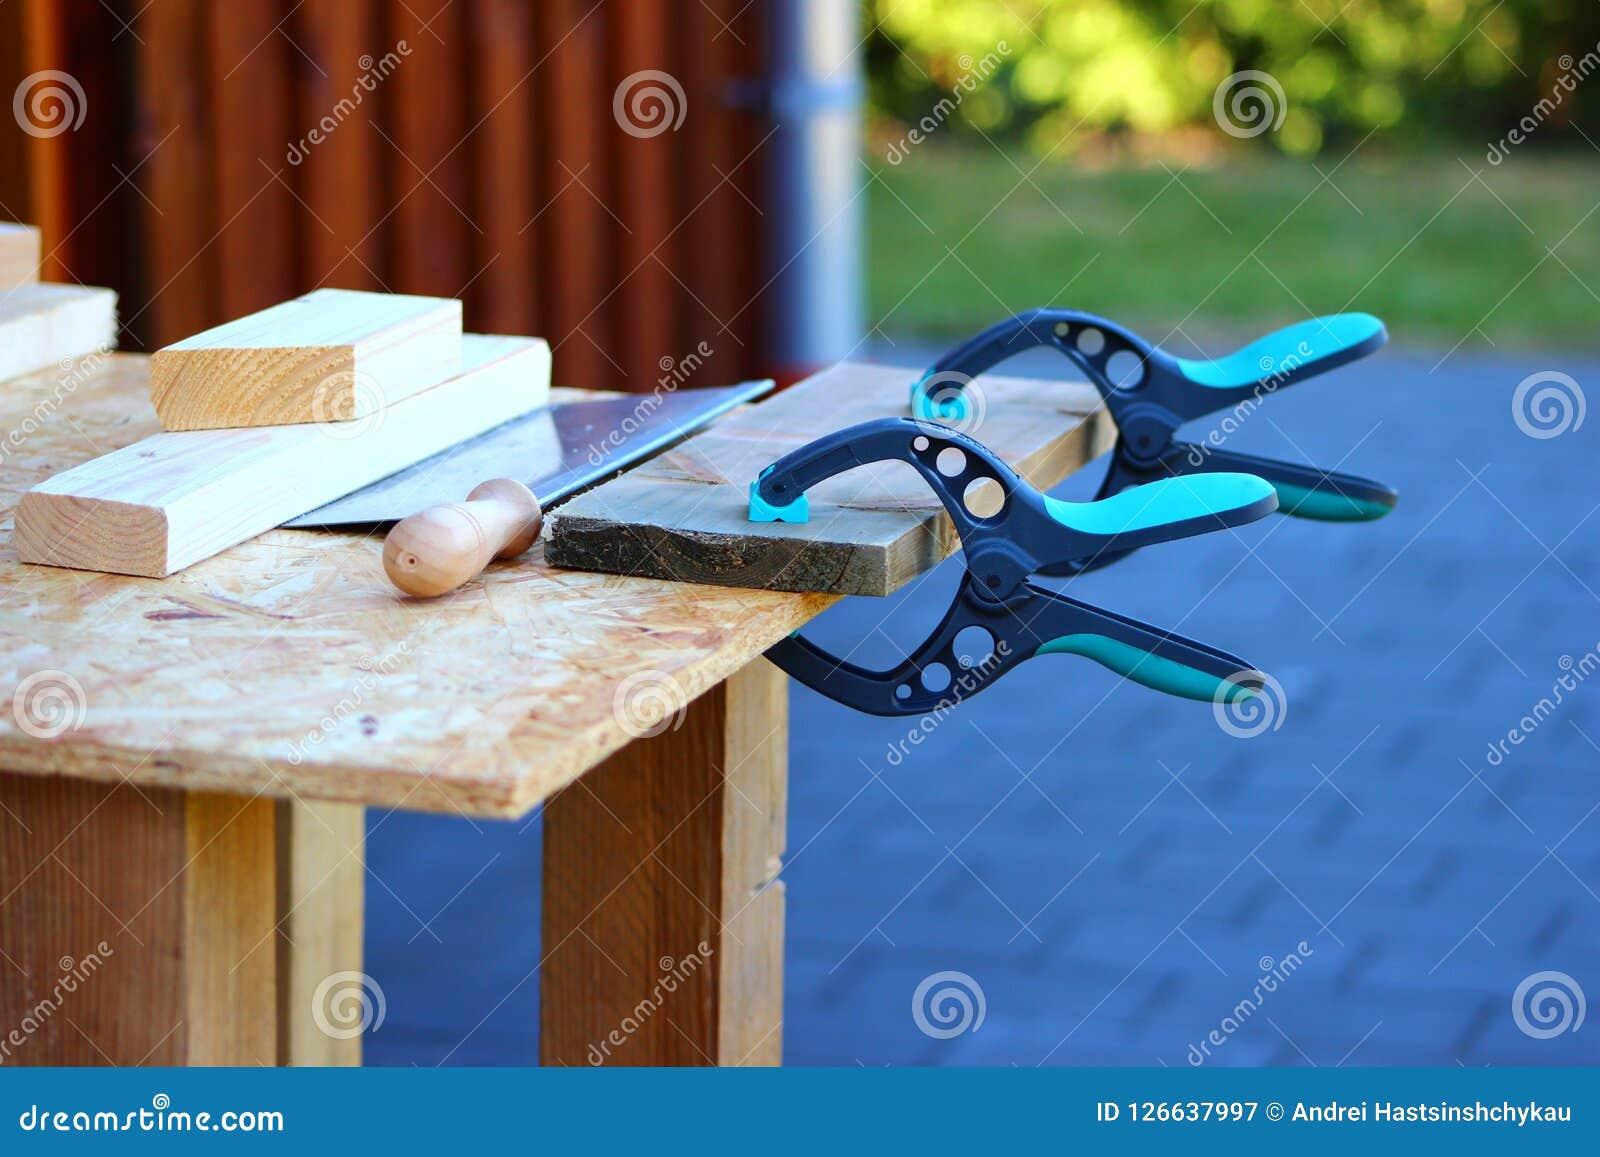 Χειρωνακτικό εργαλείο σφιγκτηρών και handsaw ξυλουργών